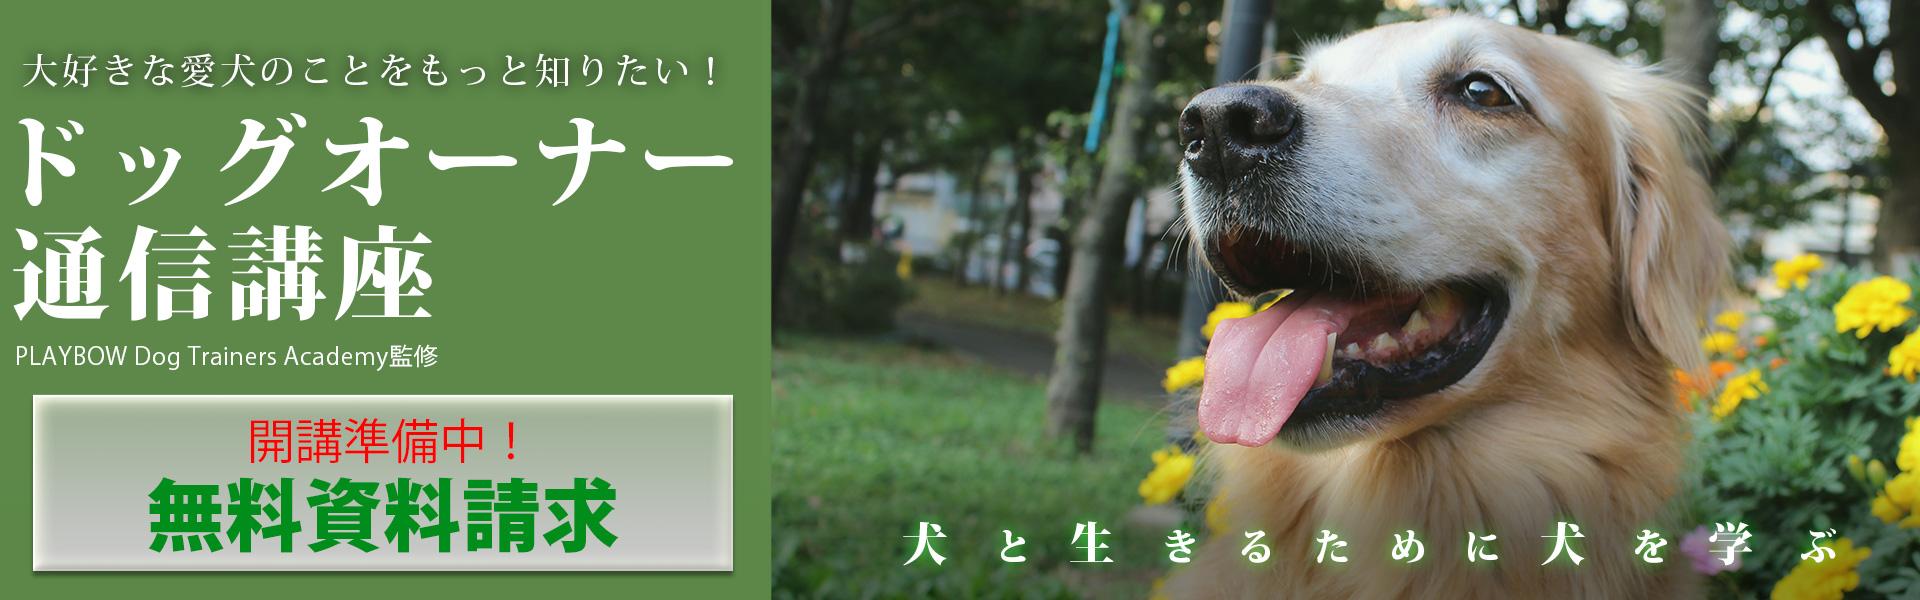 【オンライン】ドッグオーナー通信講座